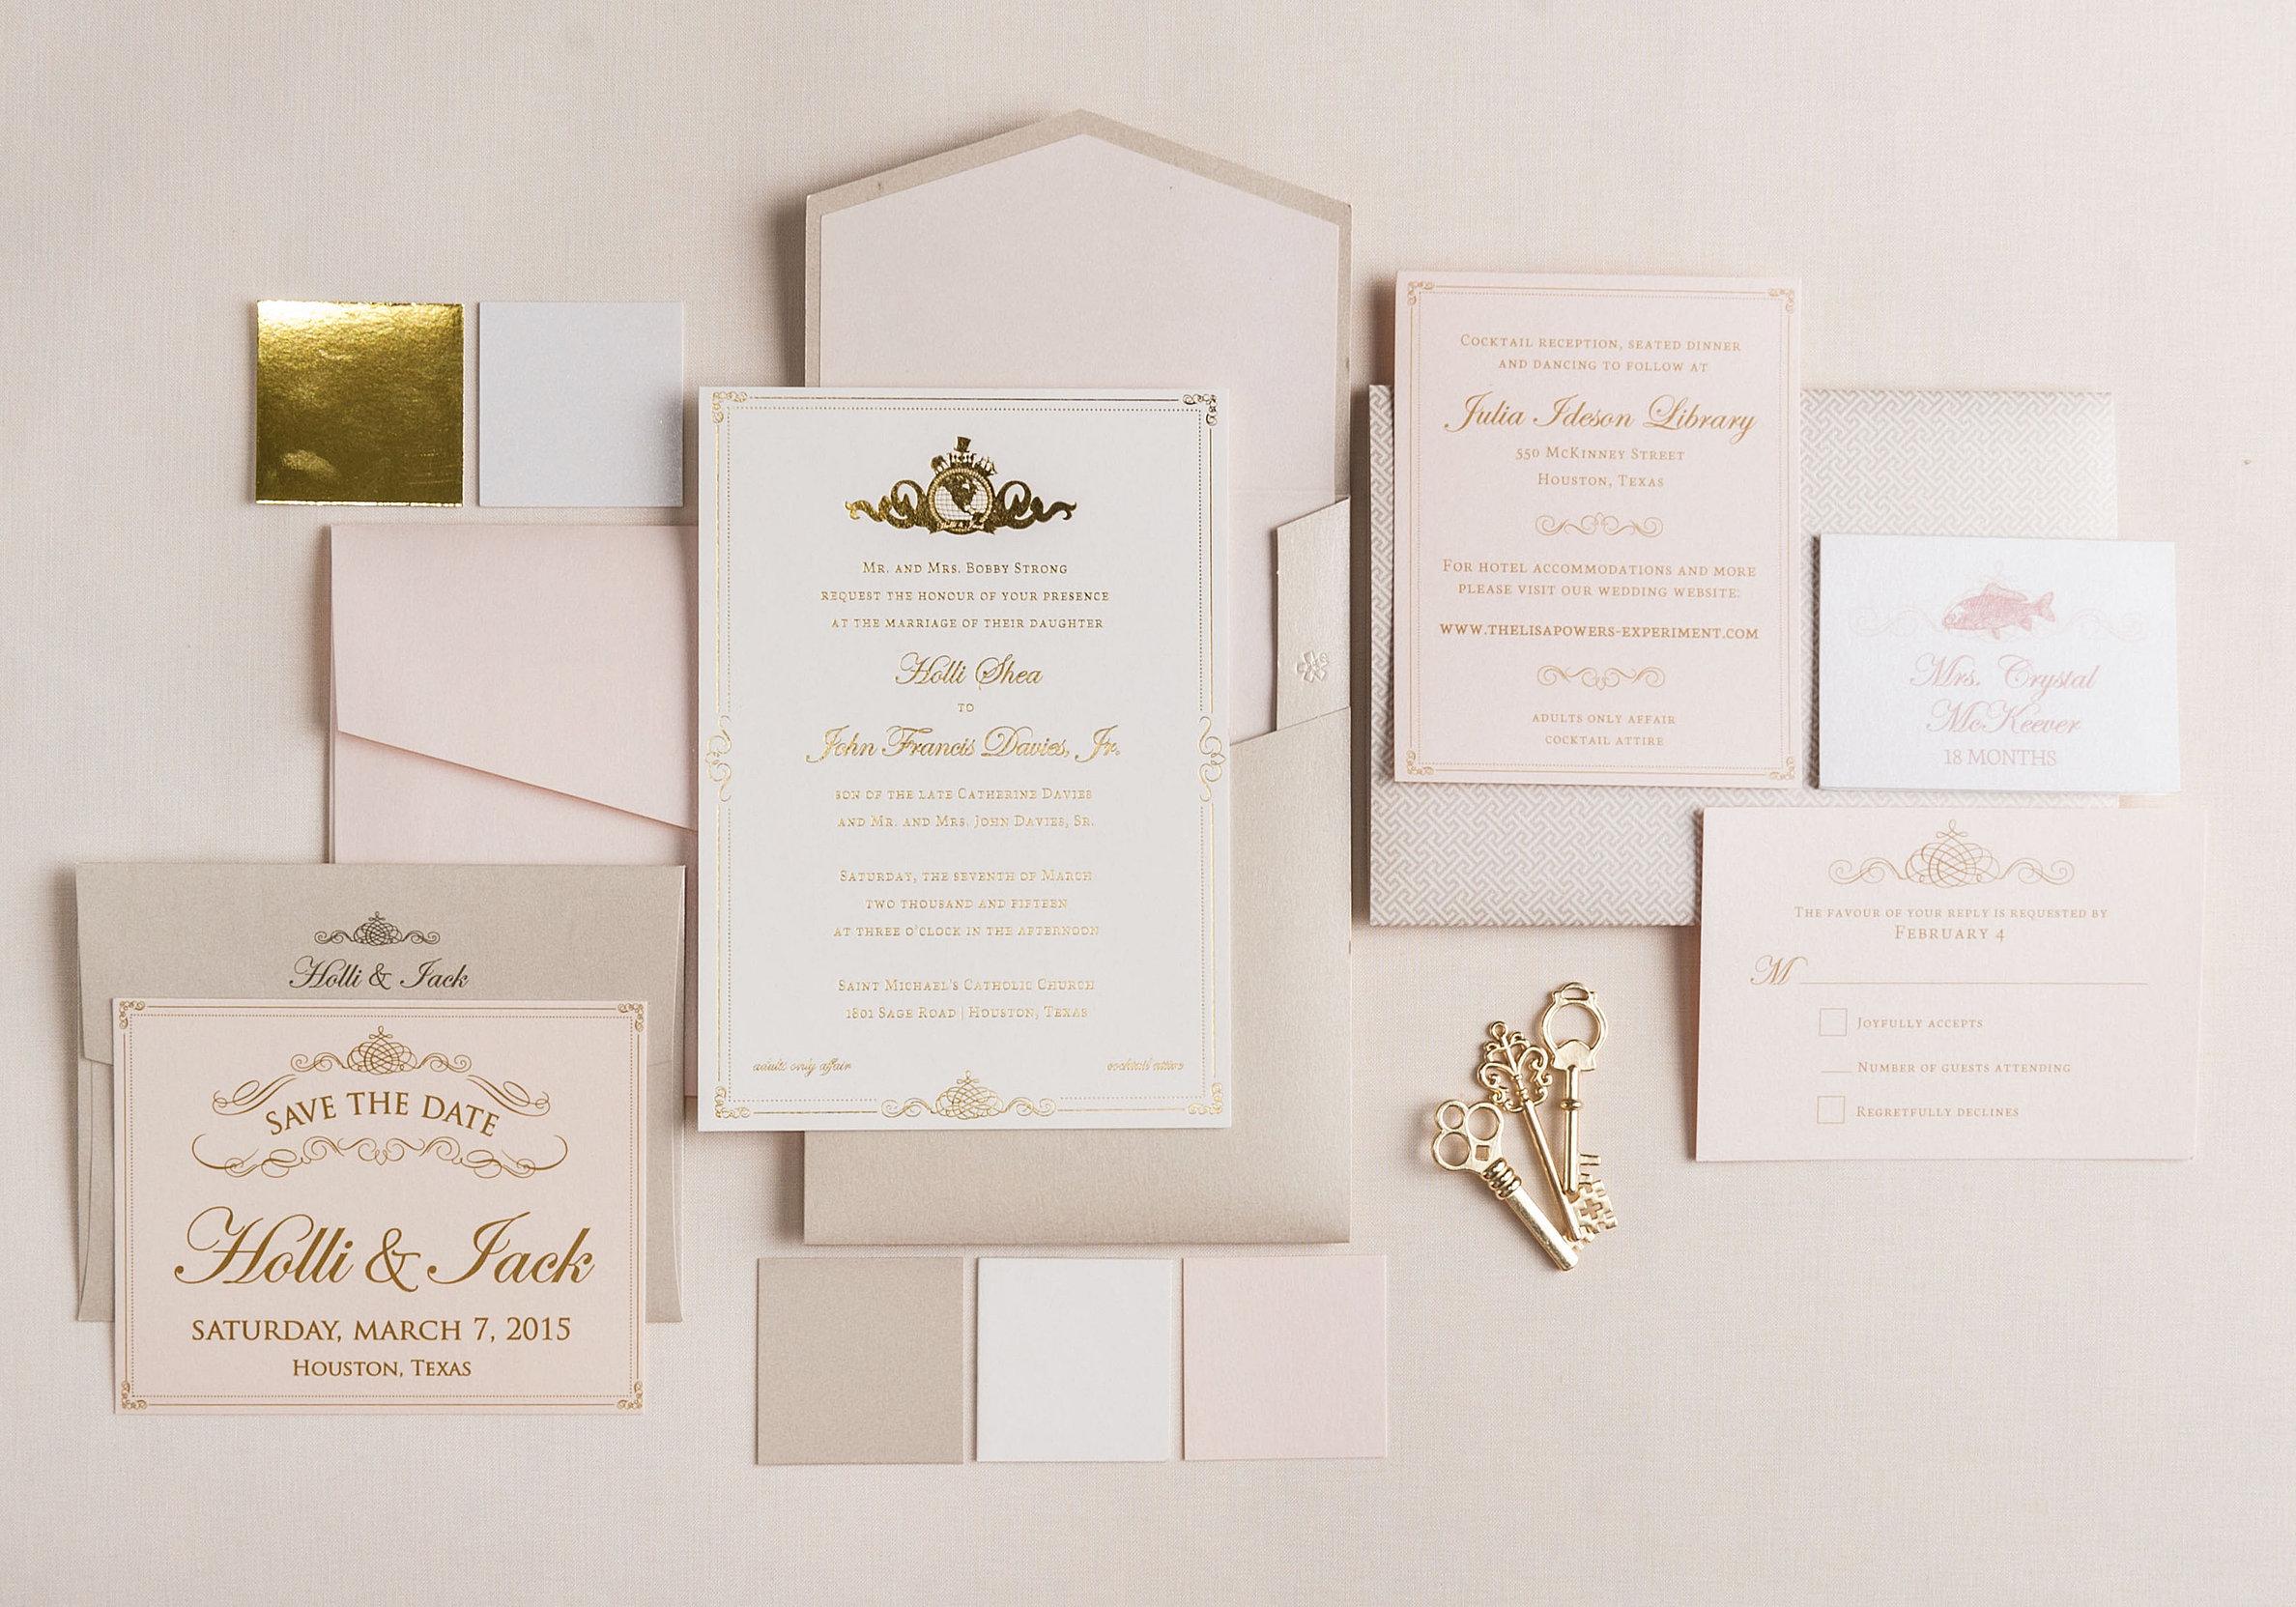 jpeg 0054 - Wedding Invitations Houston